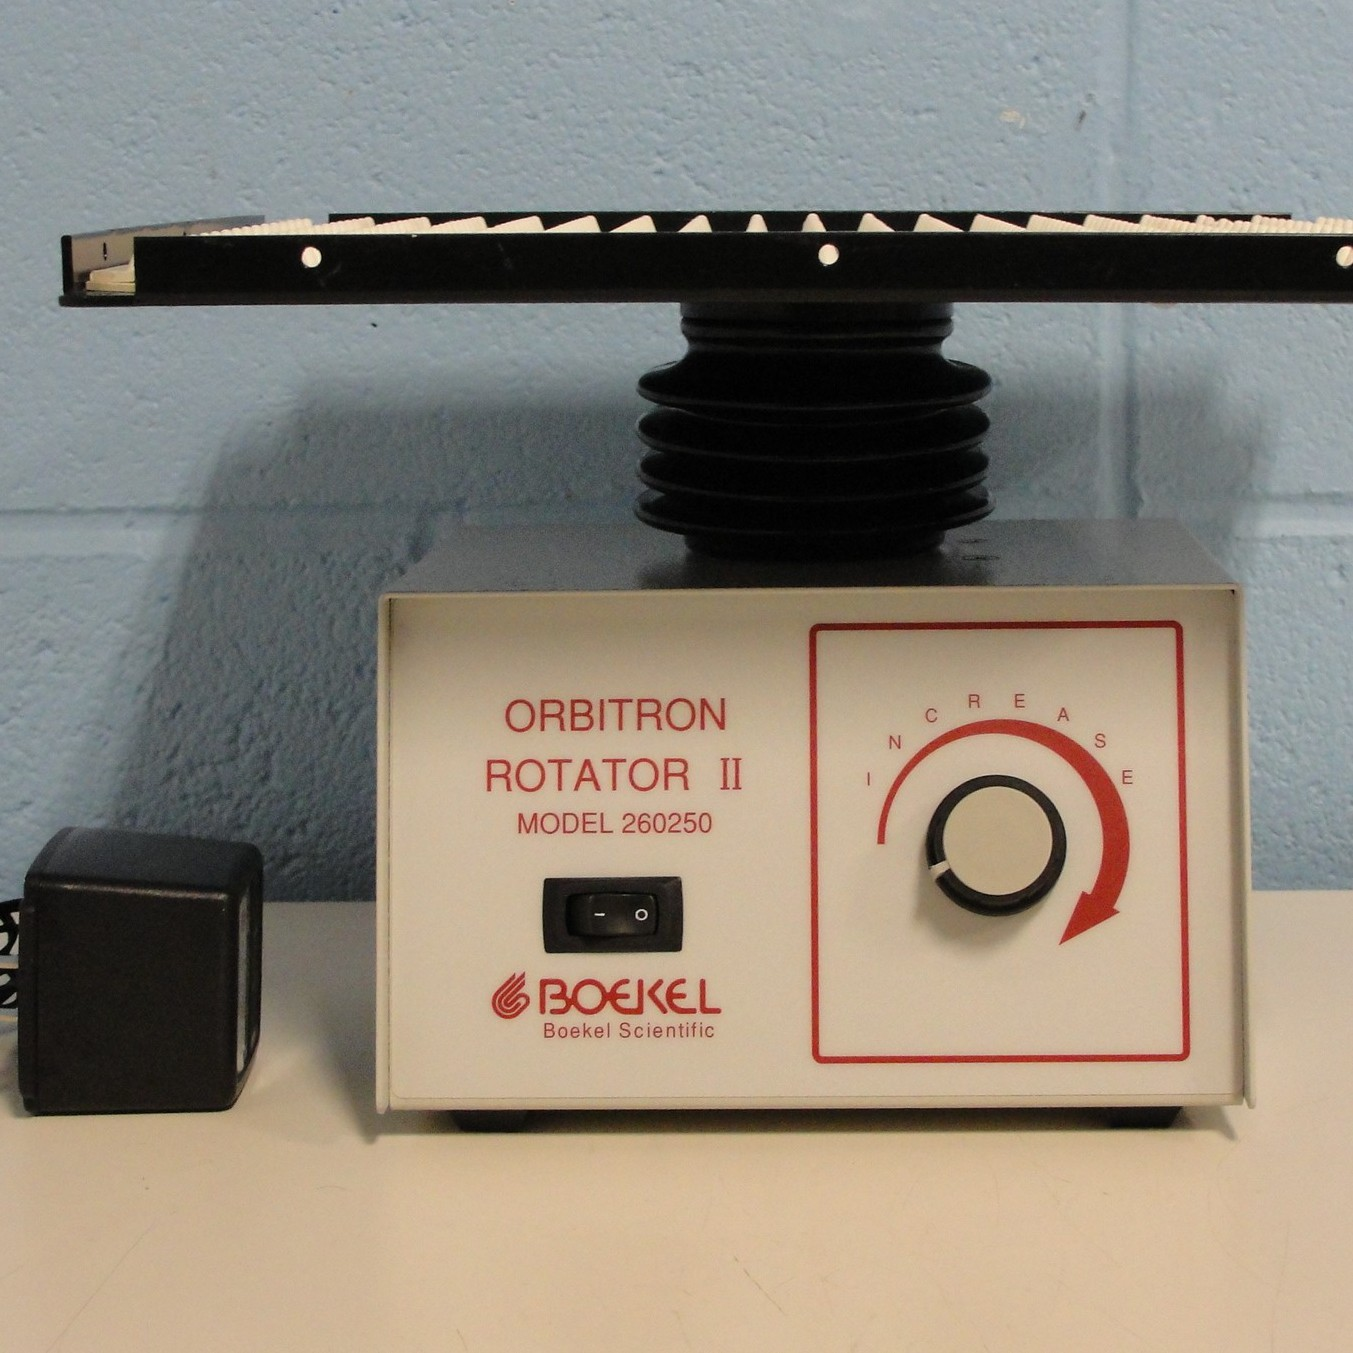 Orbitron Rotator II